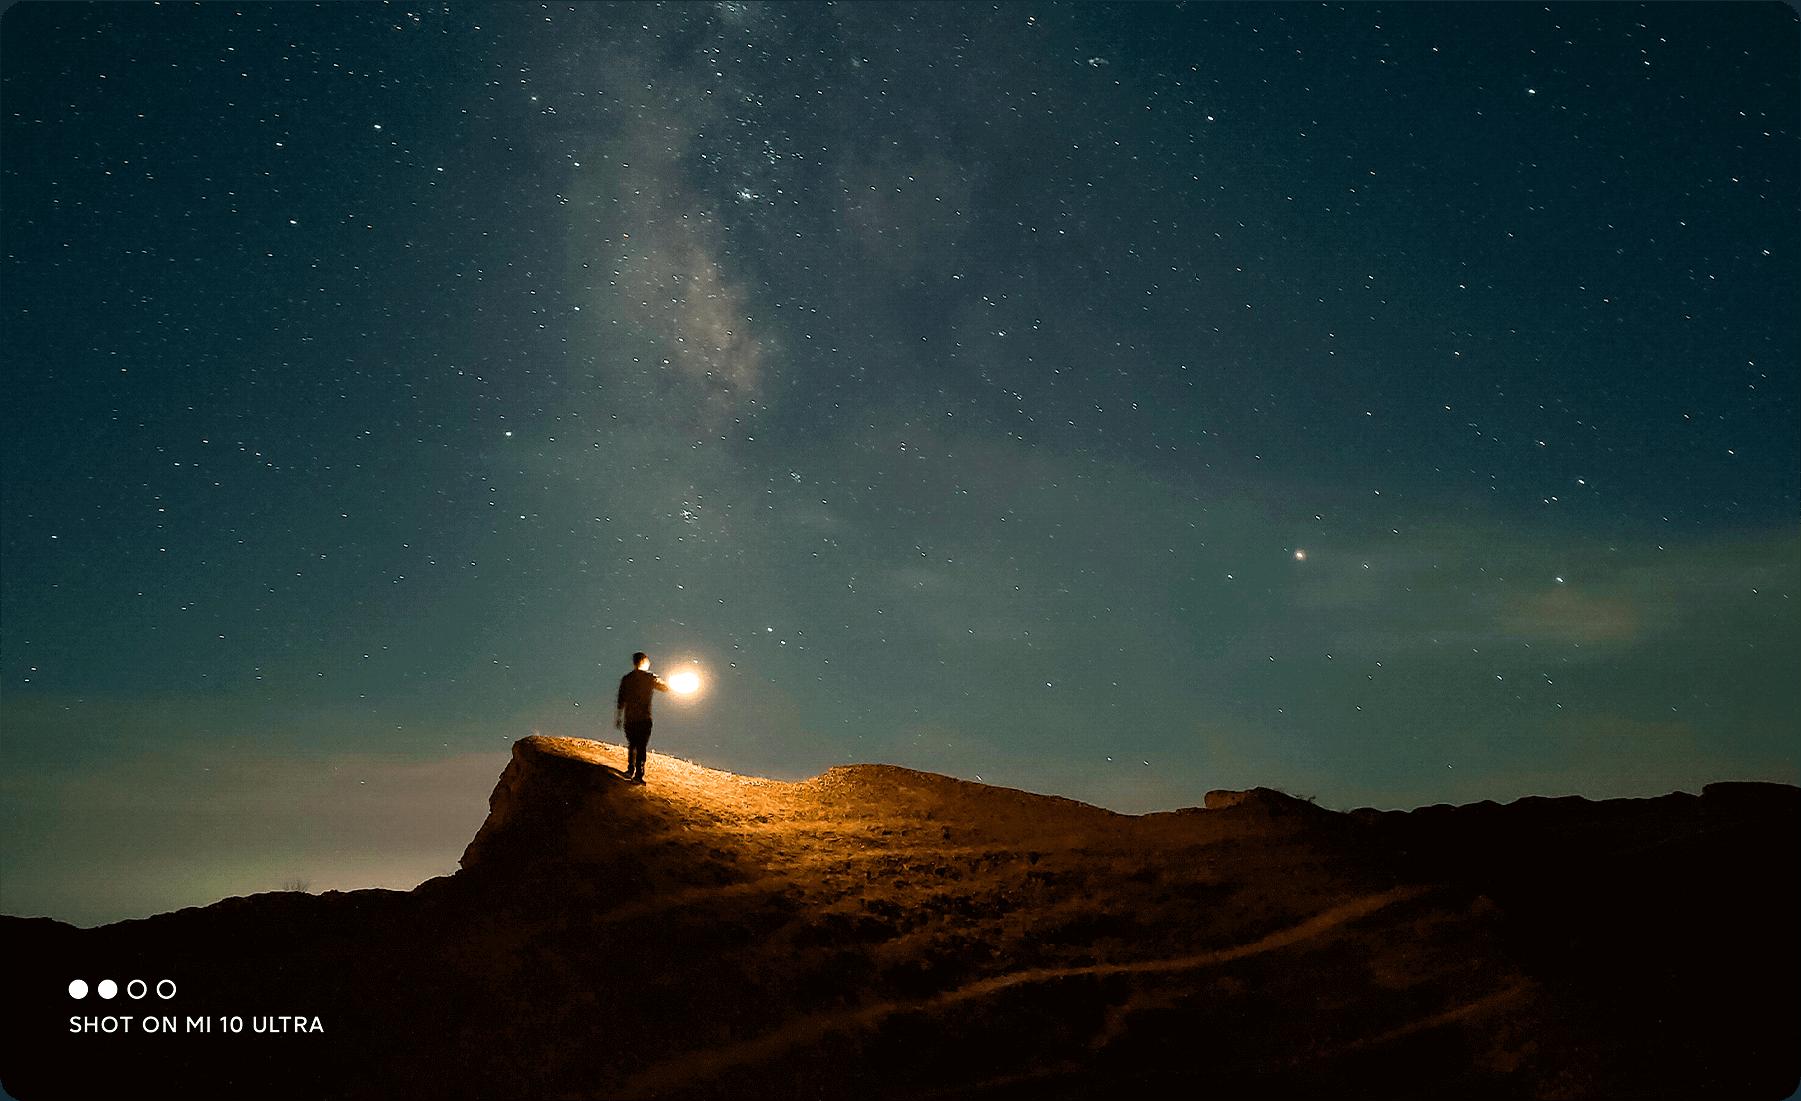 بررسی دوربین گوشی شیائومی Mi 10 Ultra در شب